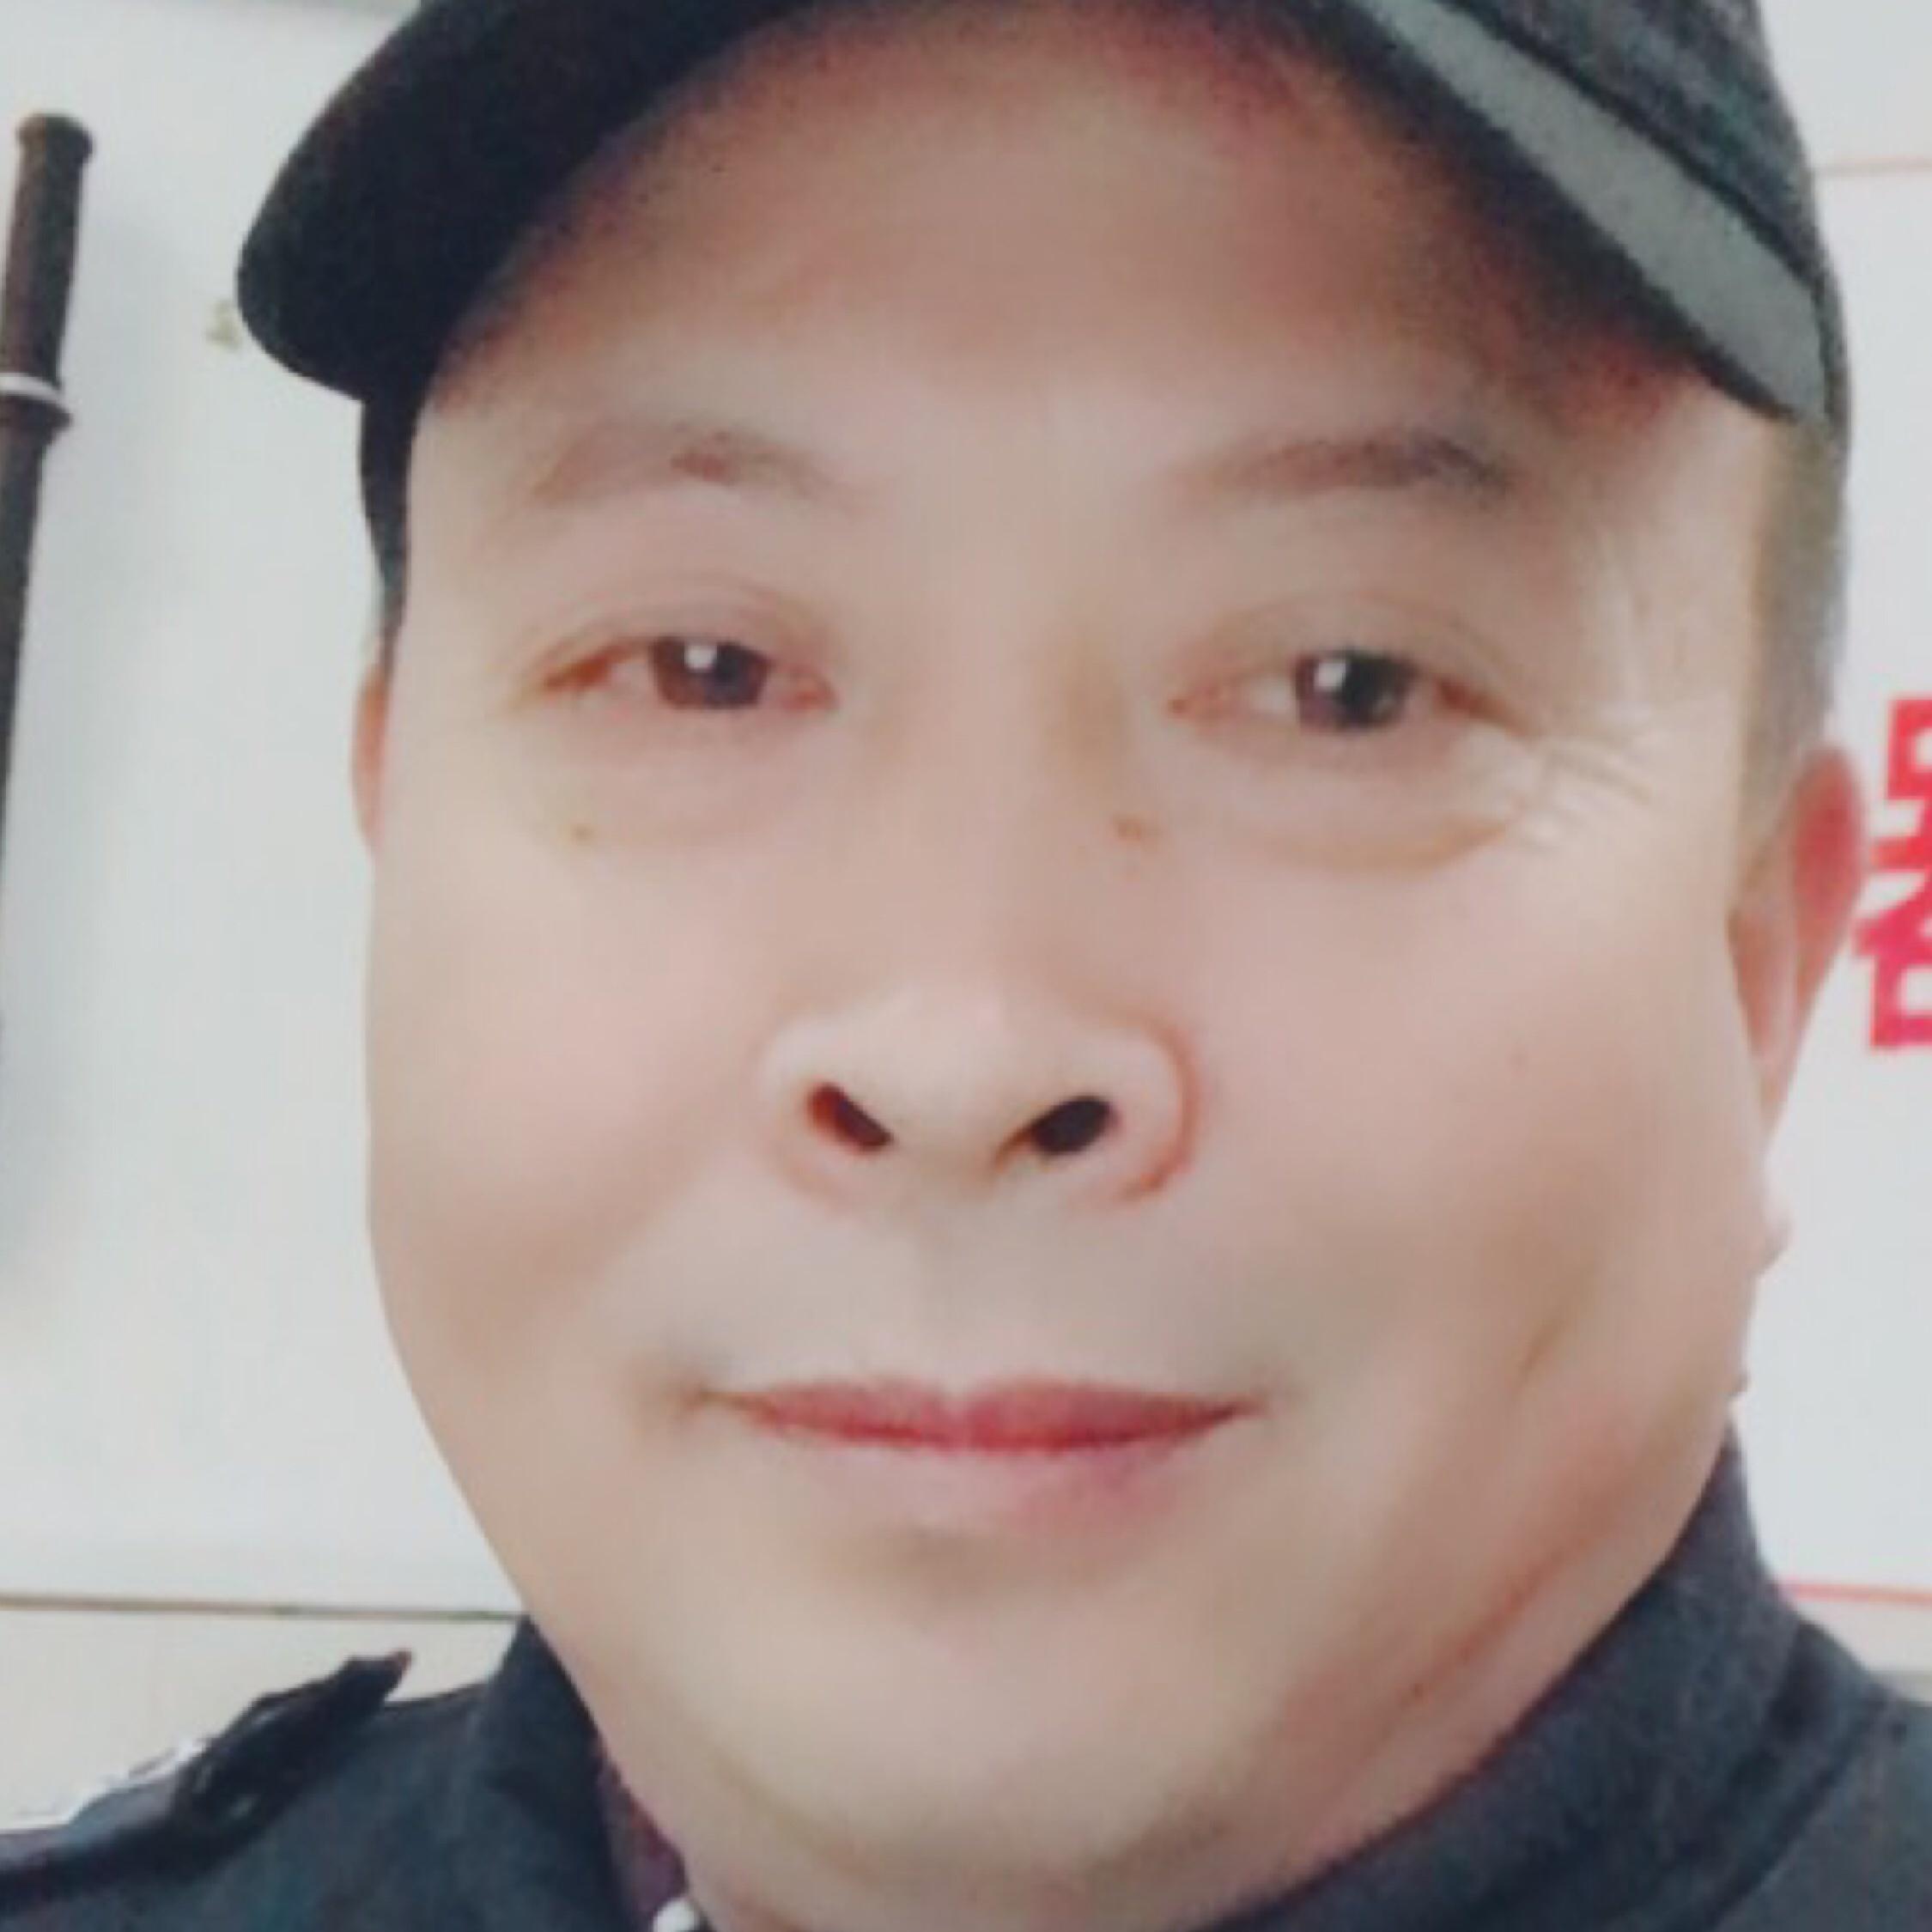 冰心_随缘